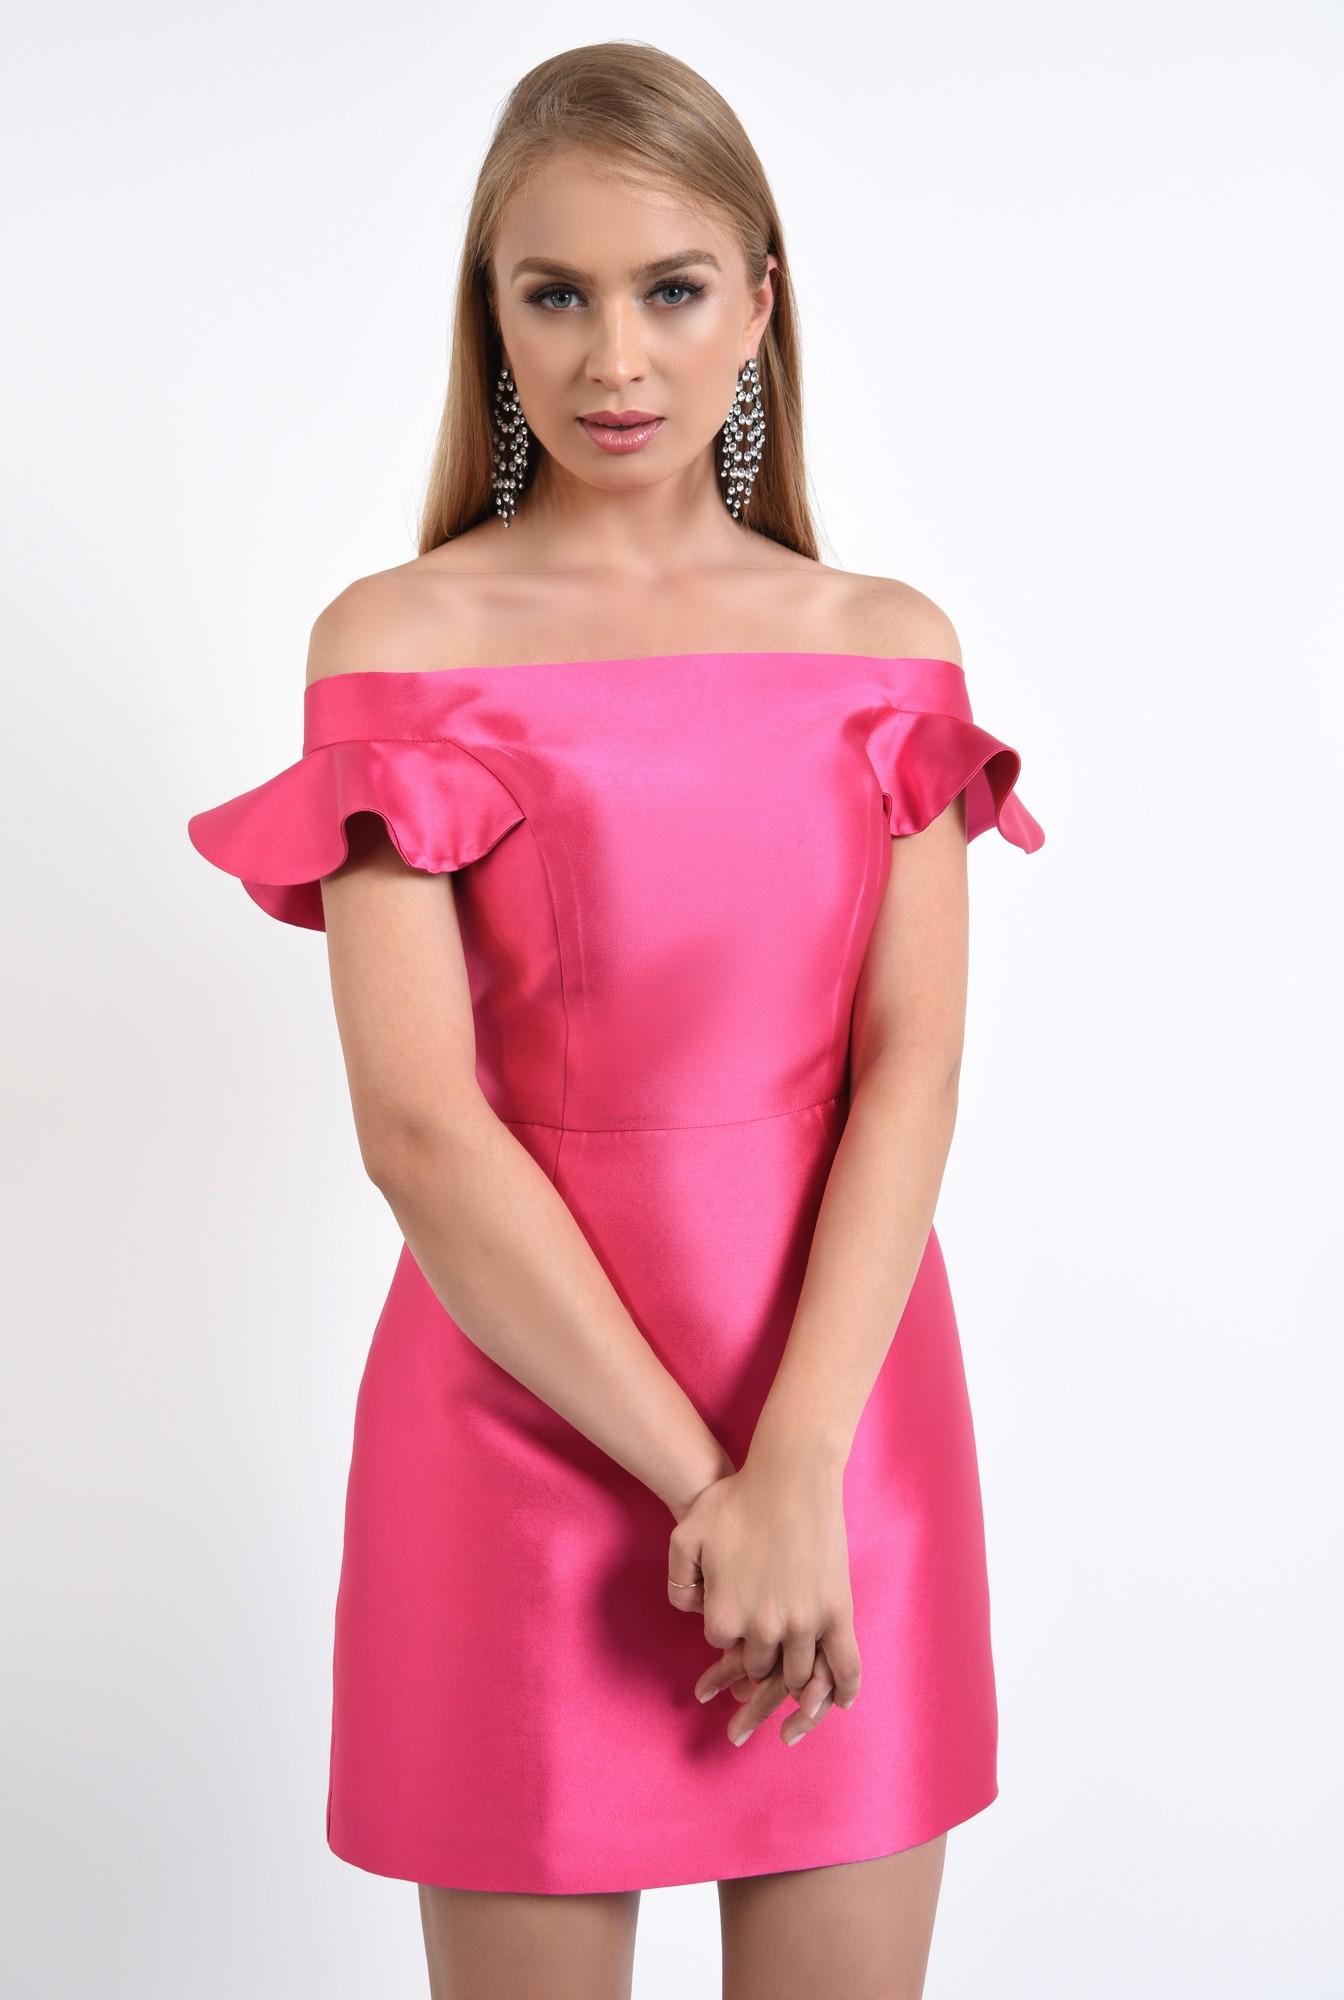 2 - rochie de seara, scurta, din tafta, roz, decoltata, cu umerii goi